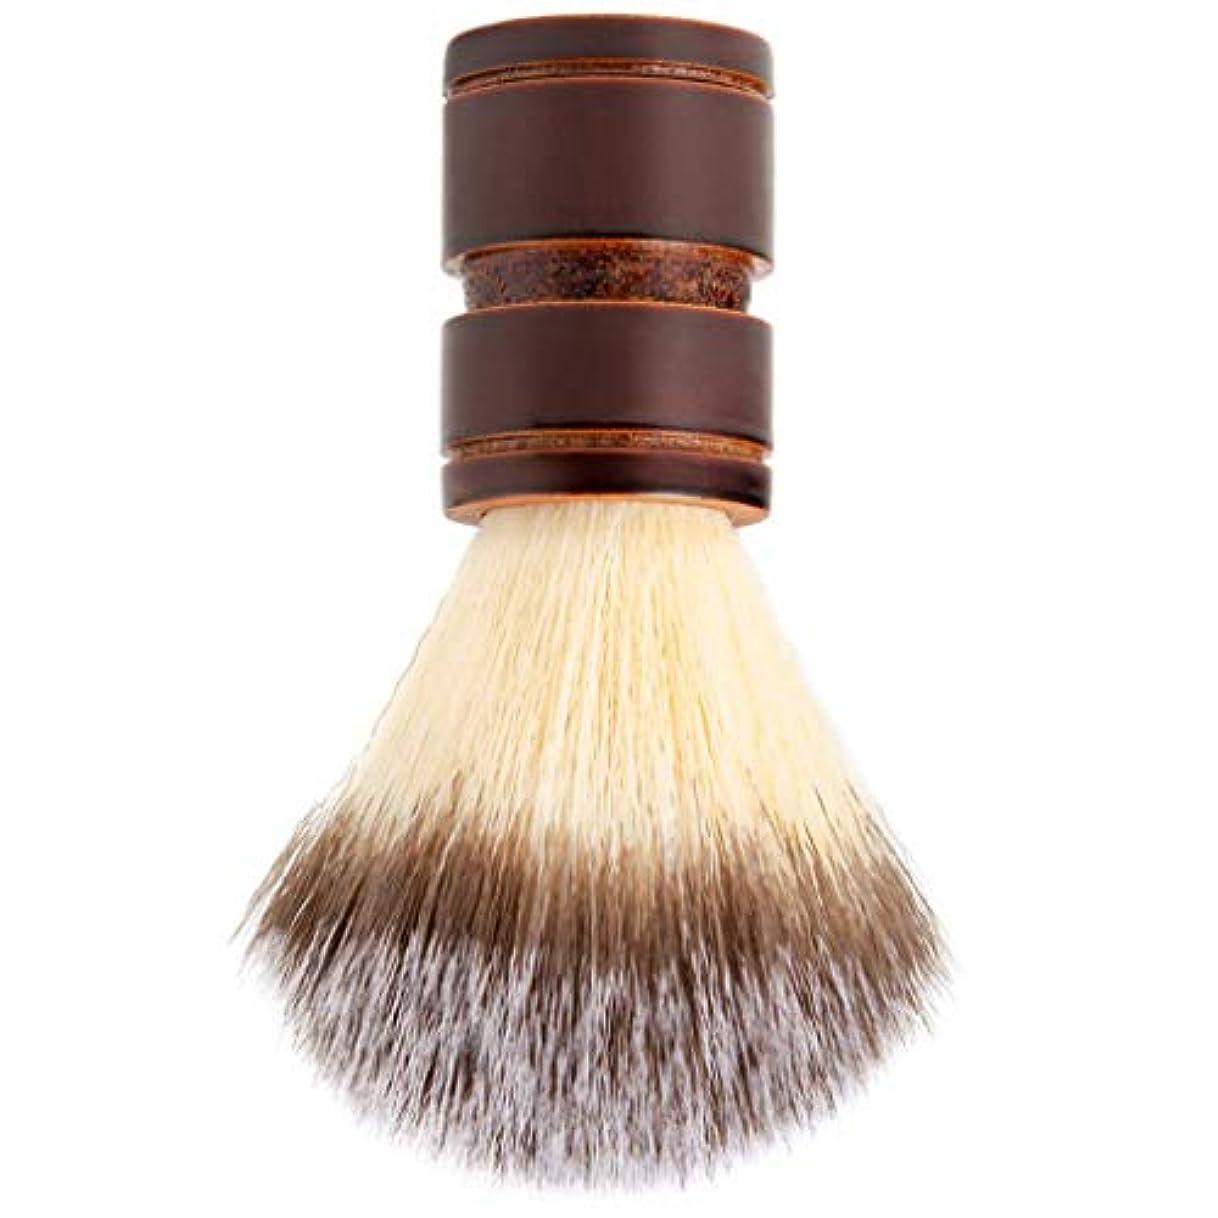 治すウイルスメールを書くひげブラシ メンズ シェービングブラシ 毛髭ブラシ 髭剃り ポータブル ひげ剃り 美容ツール